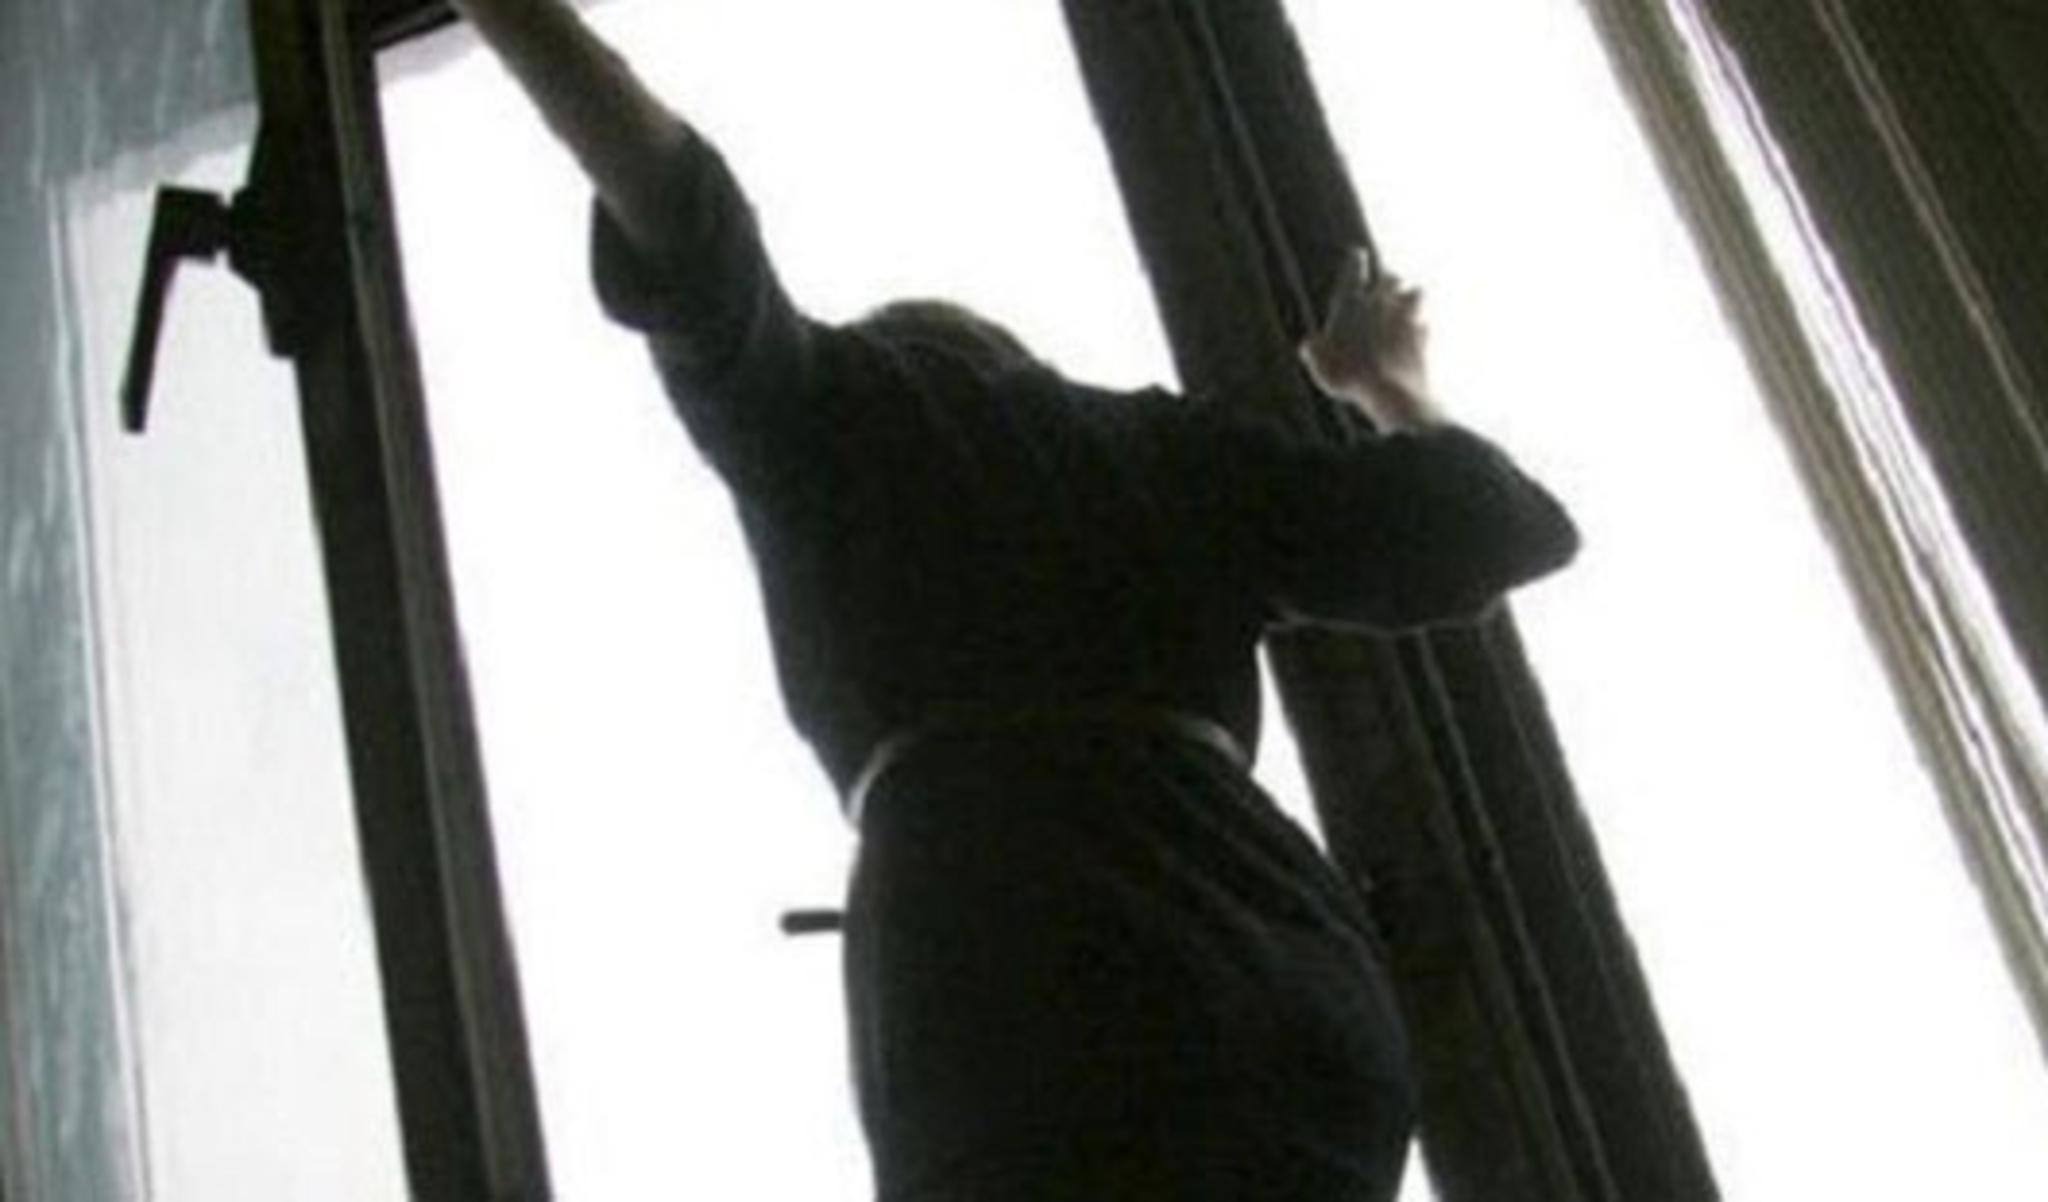 Во сне девушка спрыгнула с балкона - горгона.